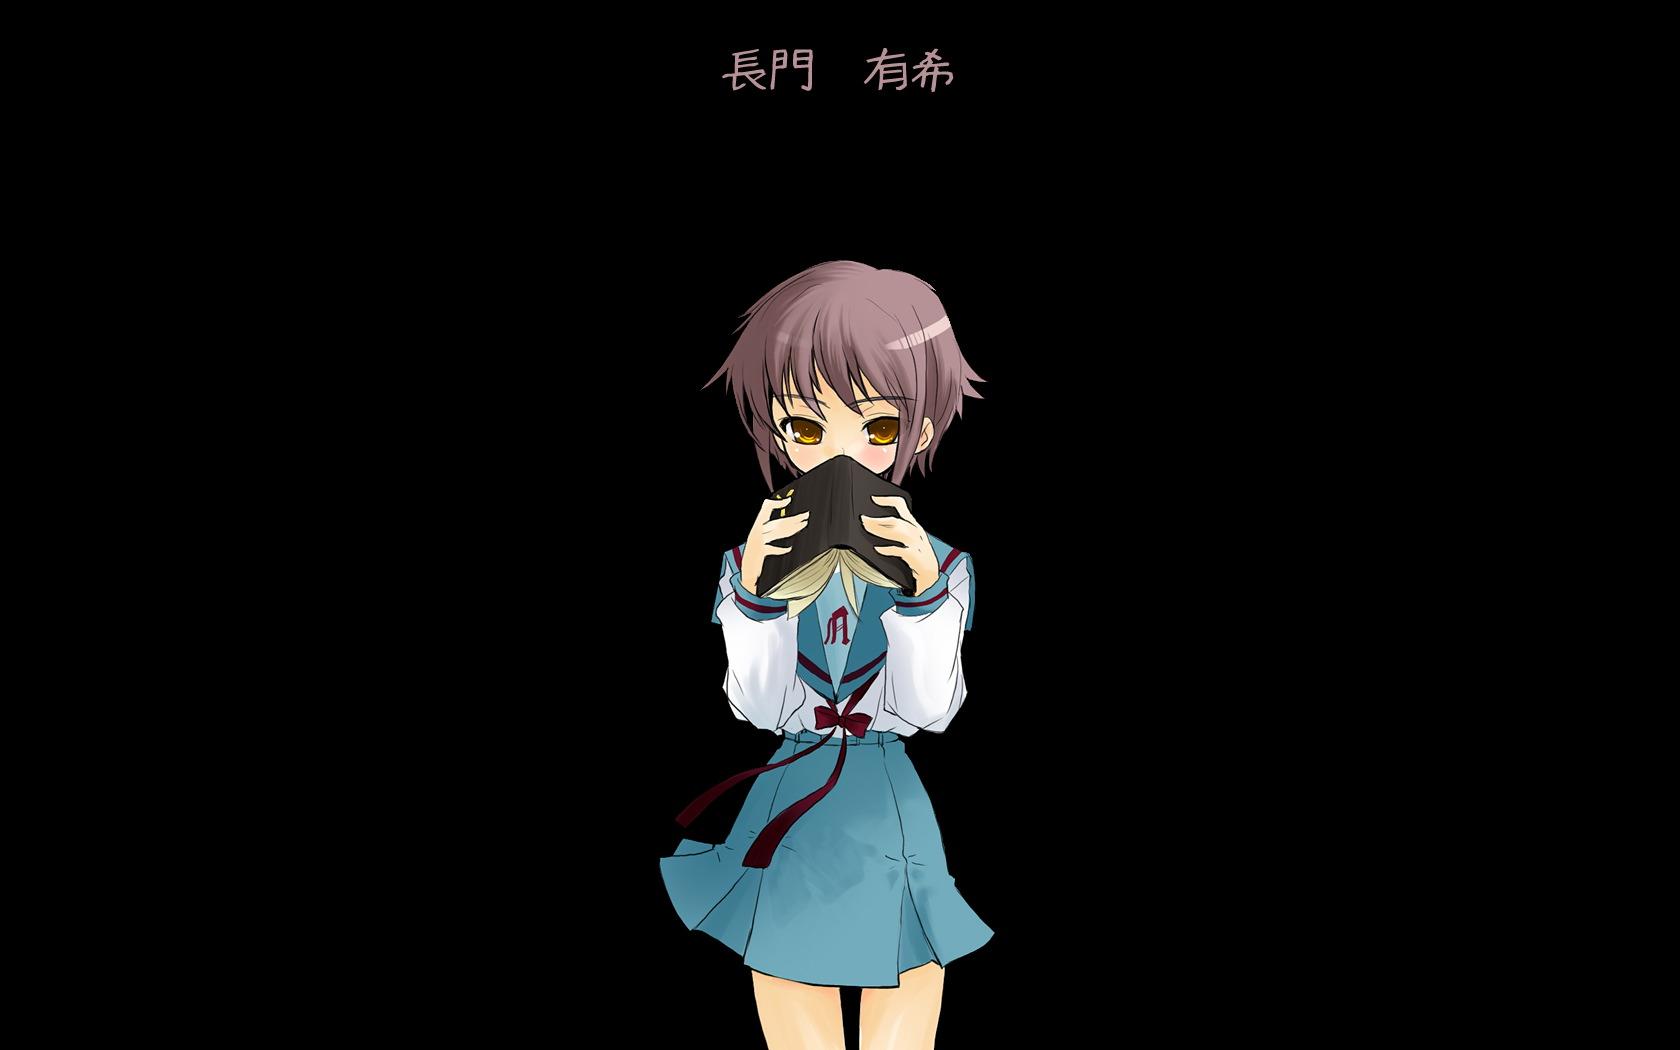 Nagato Yuki Suzumiya Haruhi No Yuuutsu Wallpaper 93370